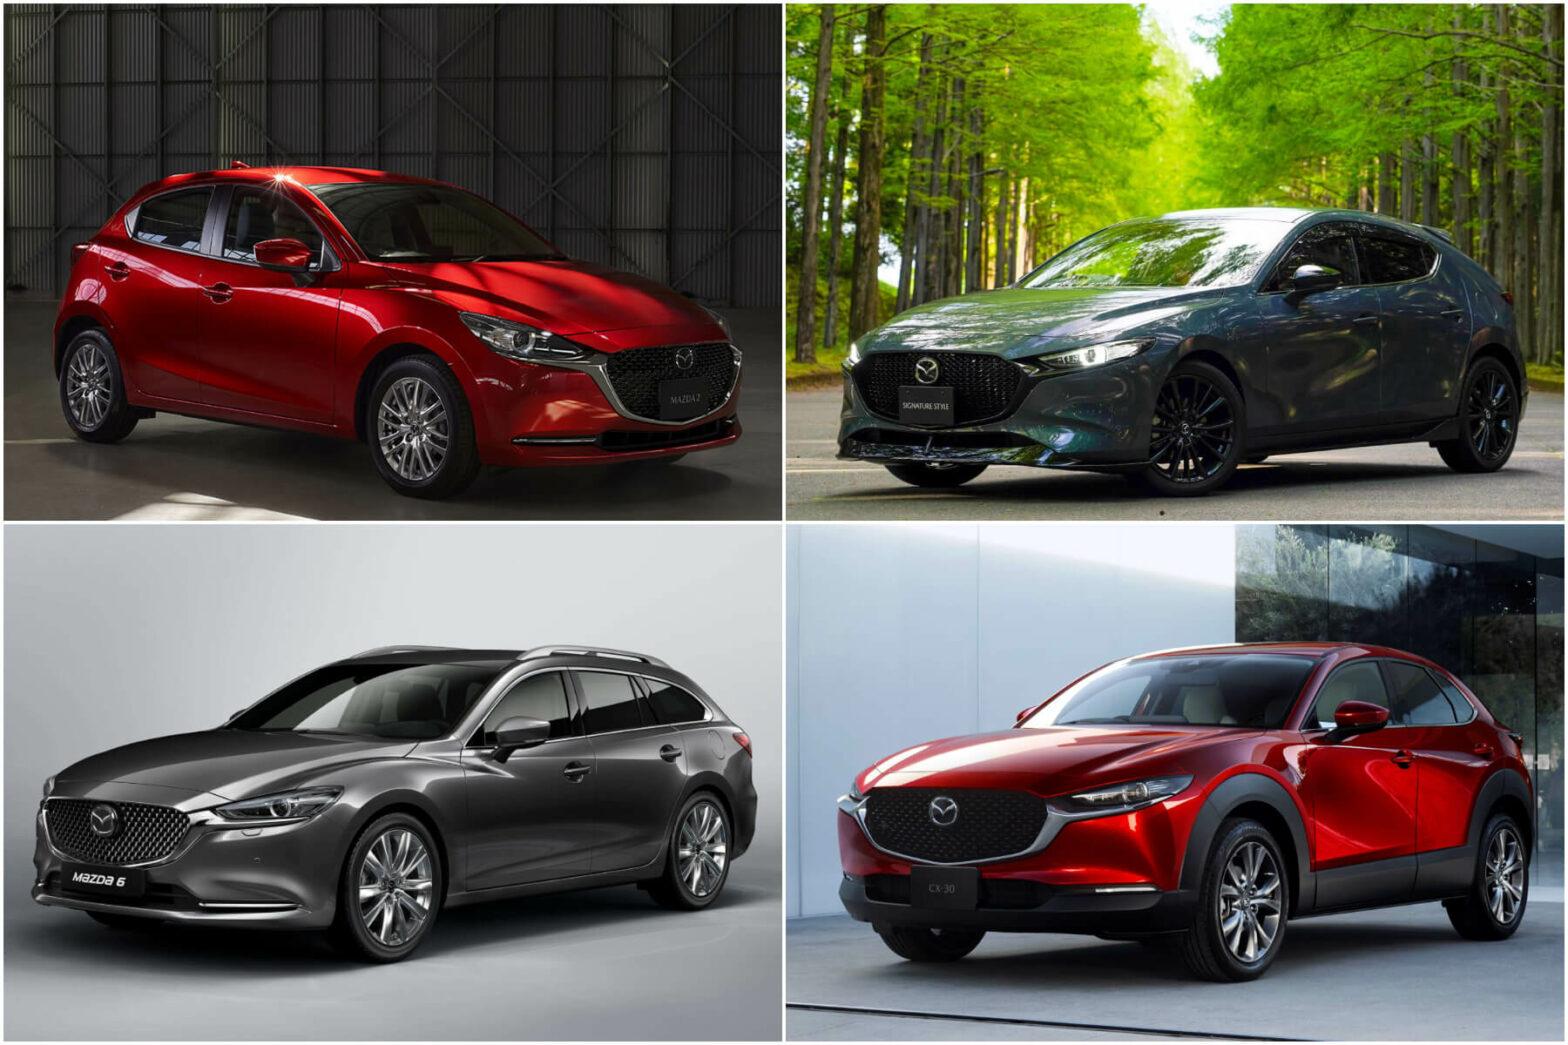 【マツダ】新車で買える現行車種全16モデル一覧|2020年5月最新情報